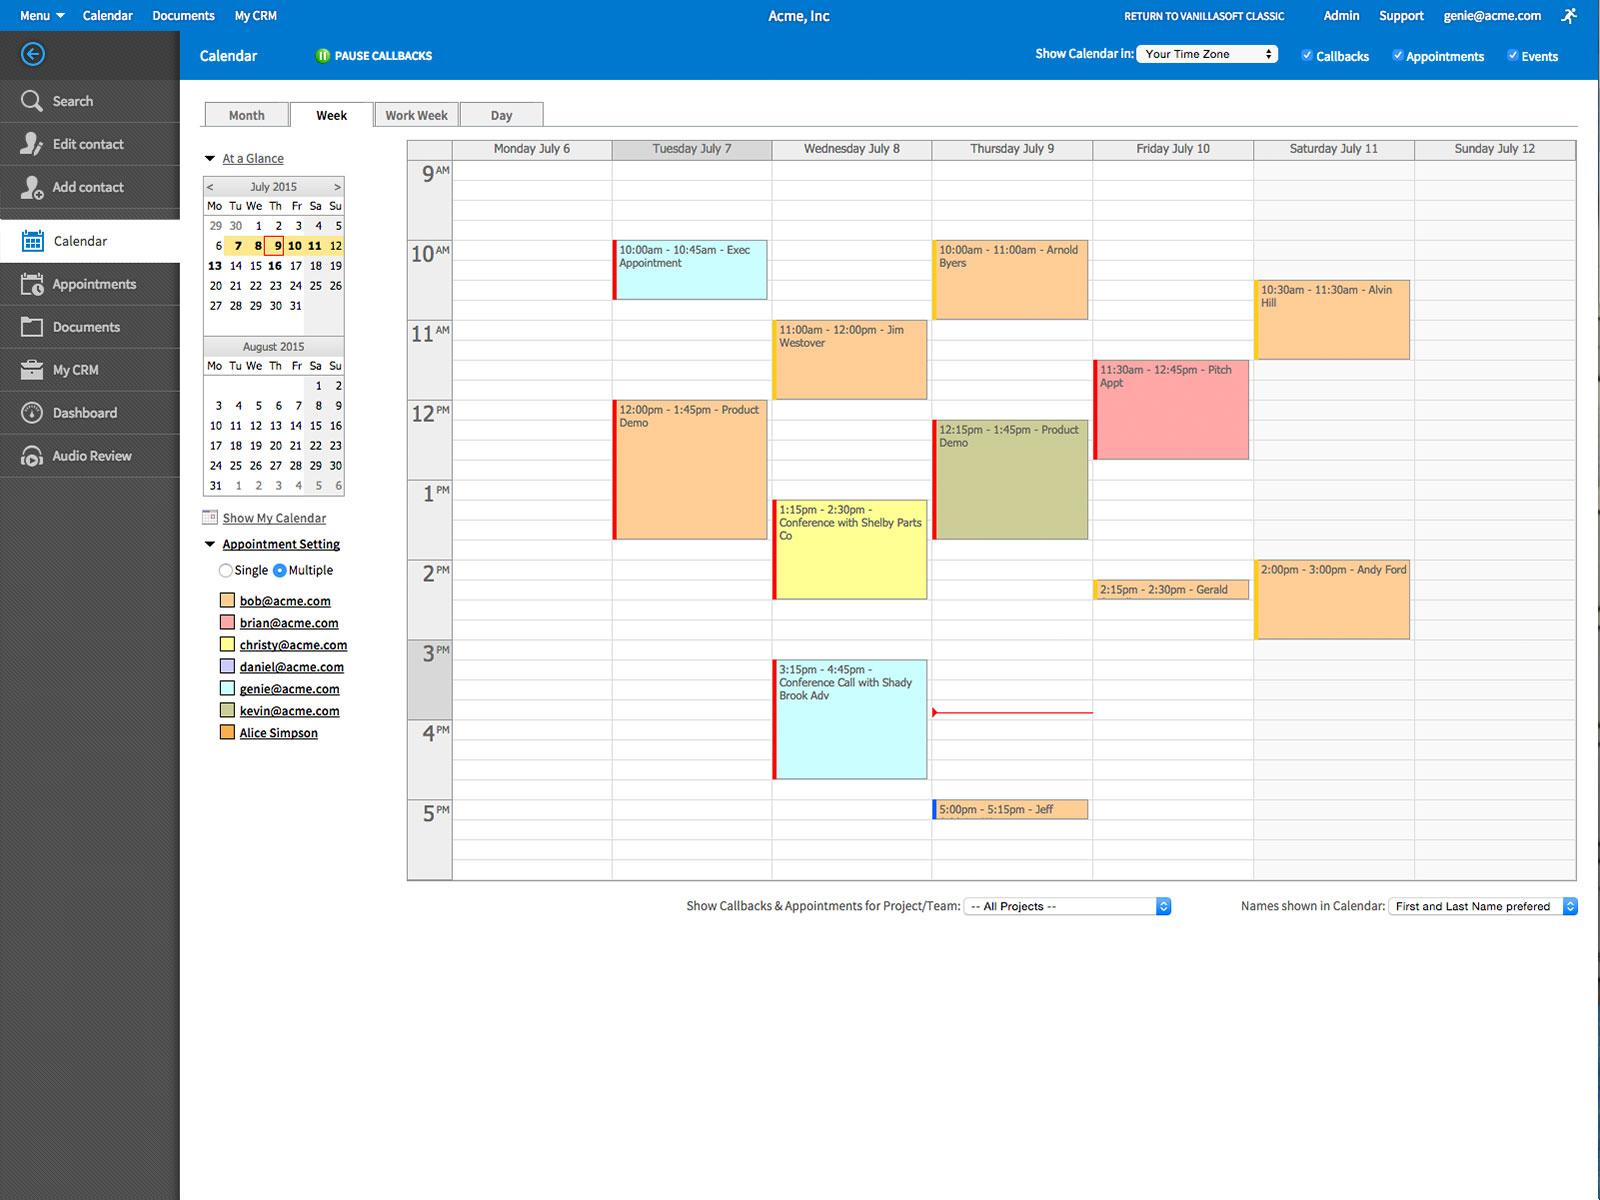 VanillaSoft Software - Calendar